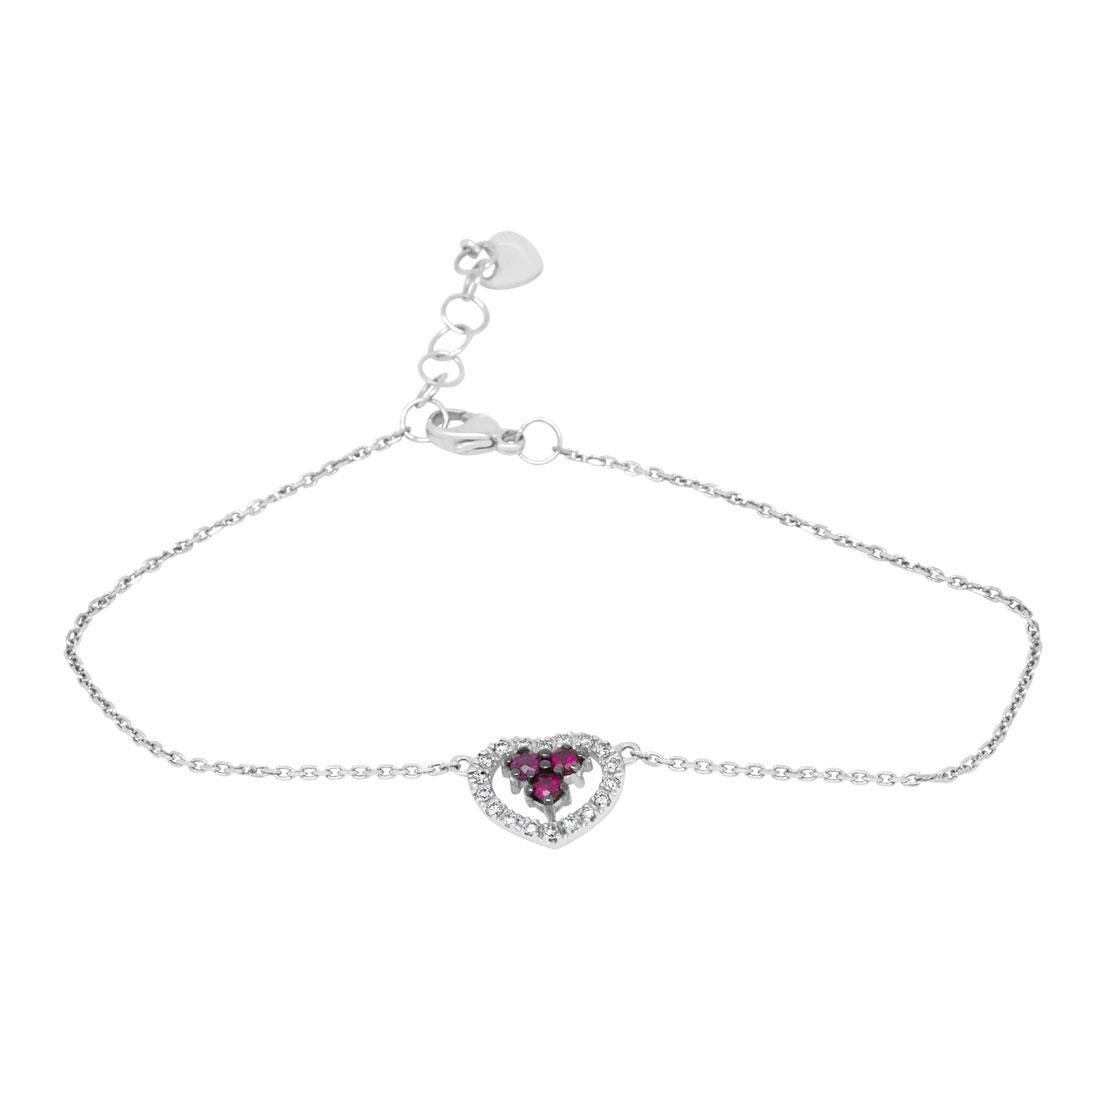 Bracciale con diamanti e rubini - BLISS